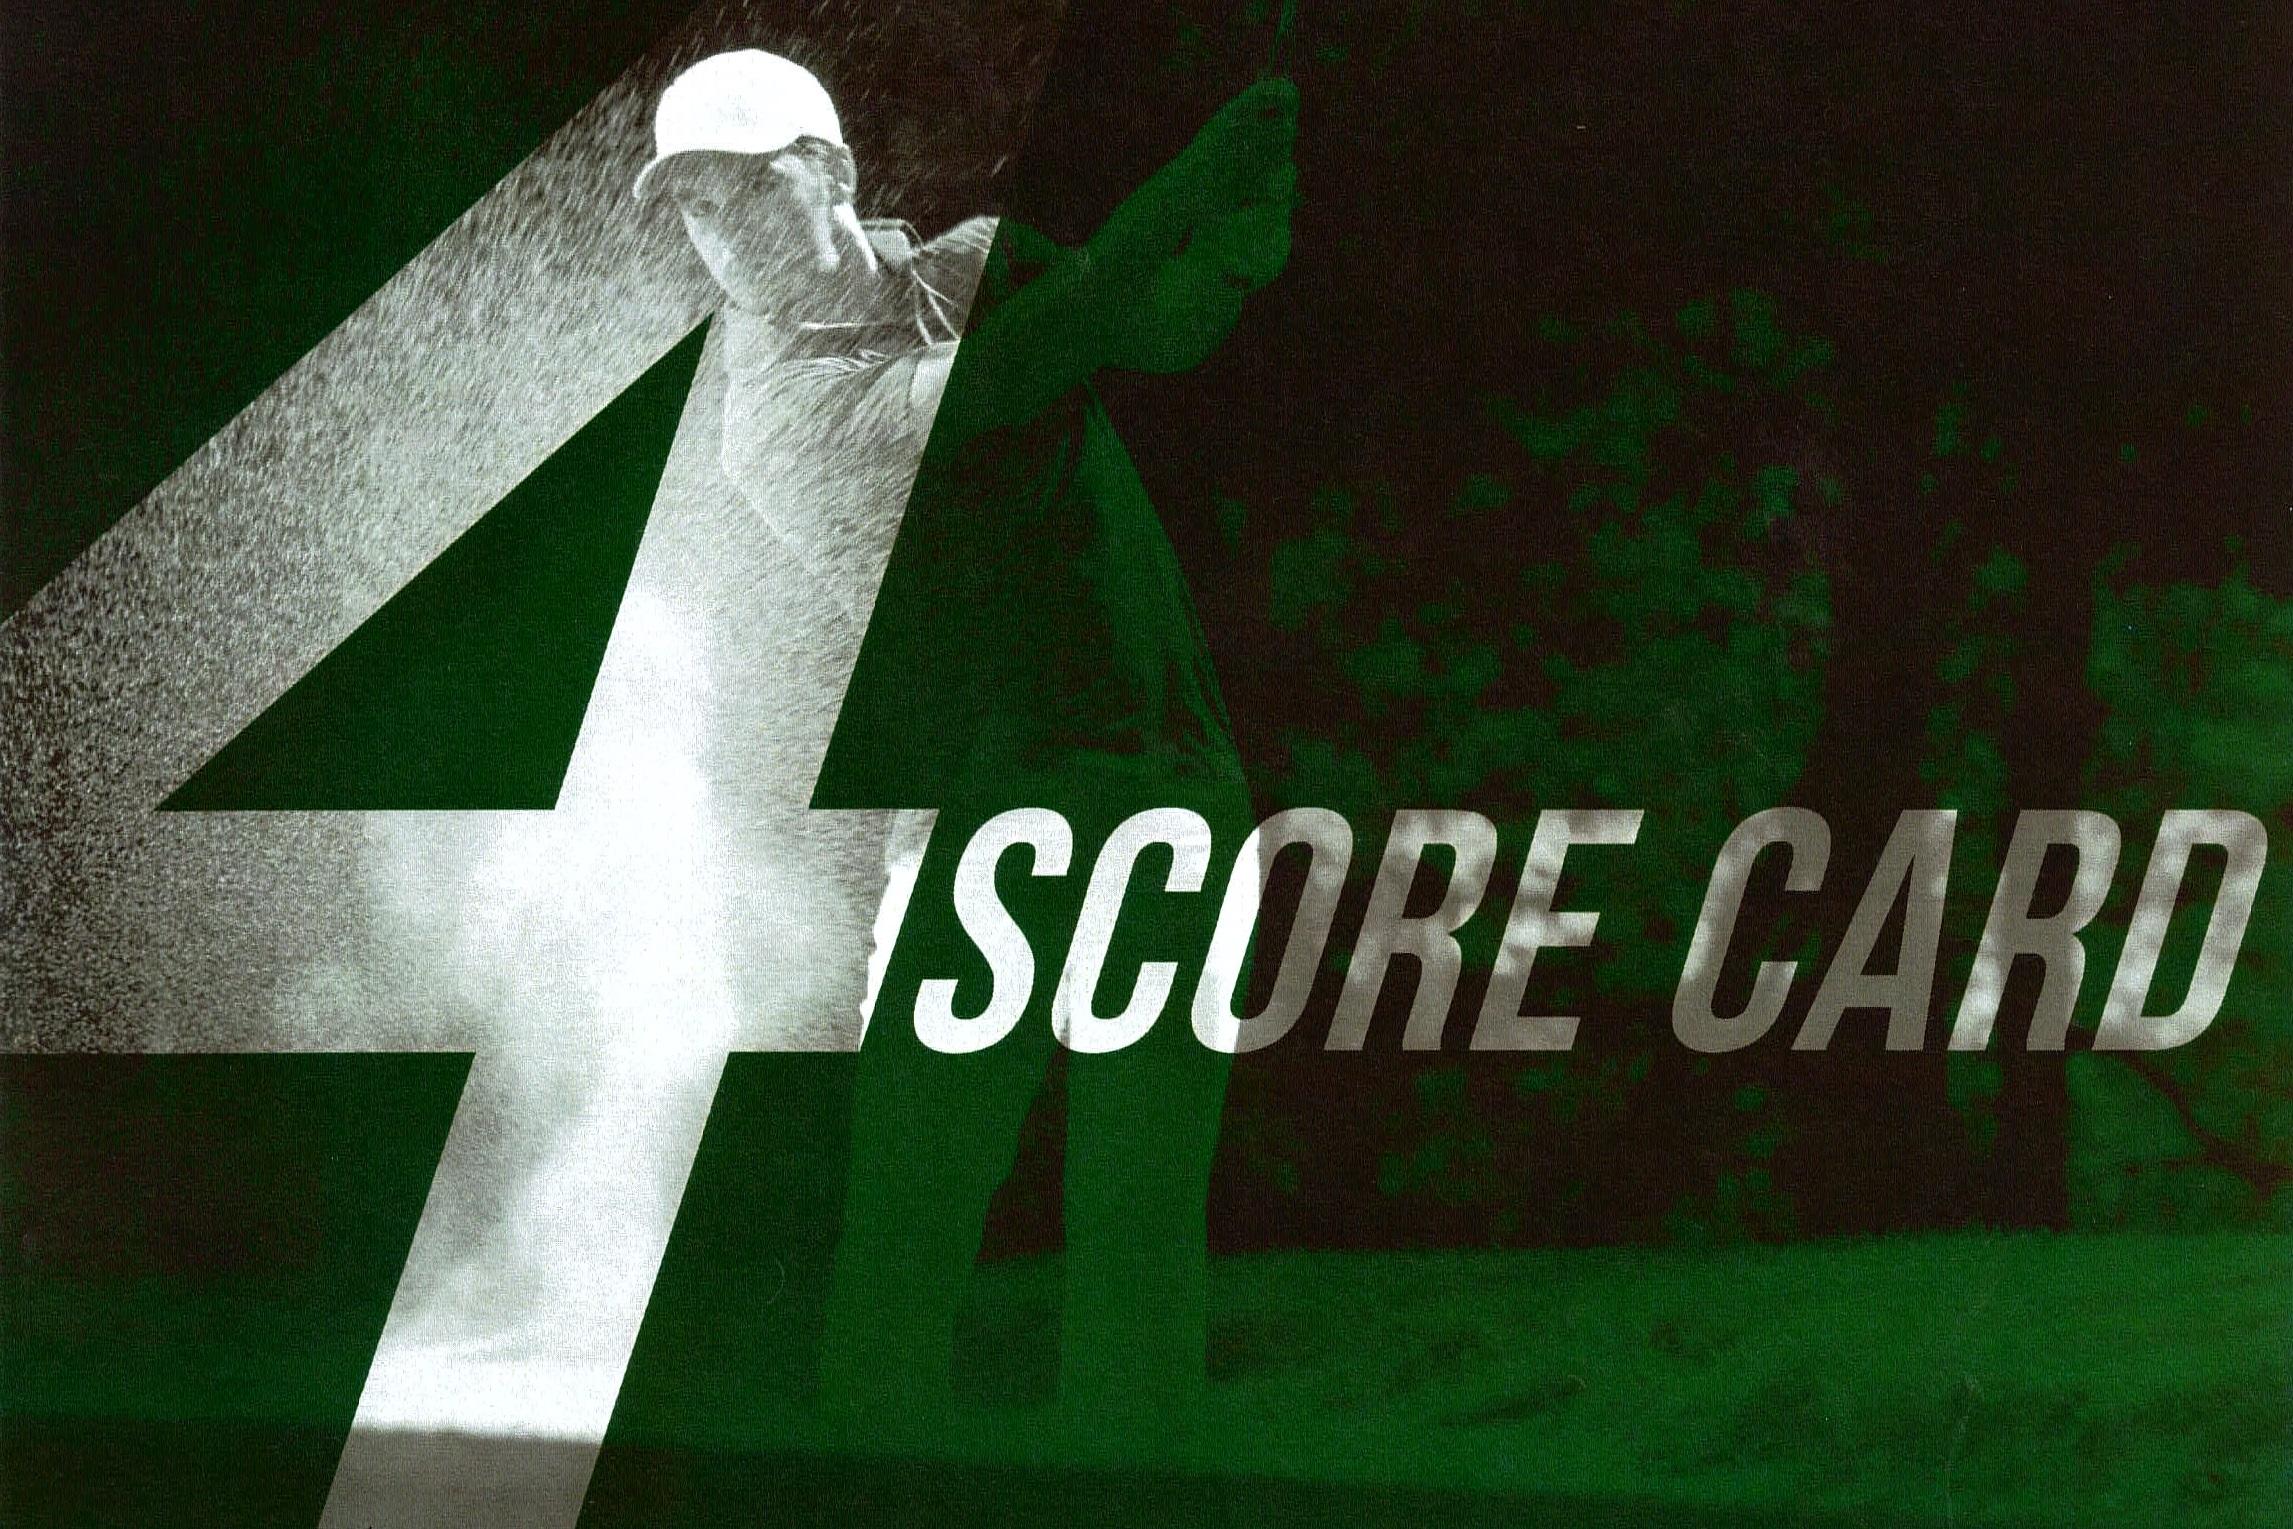 4Score Card